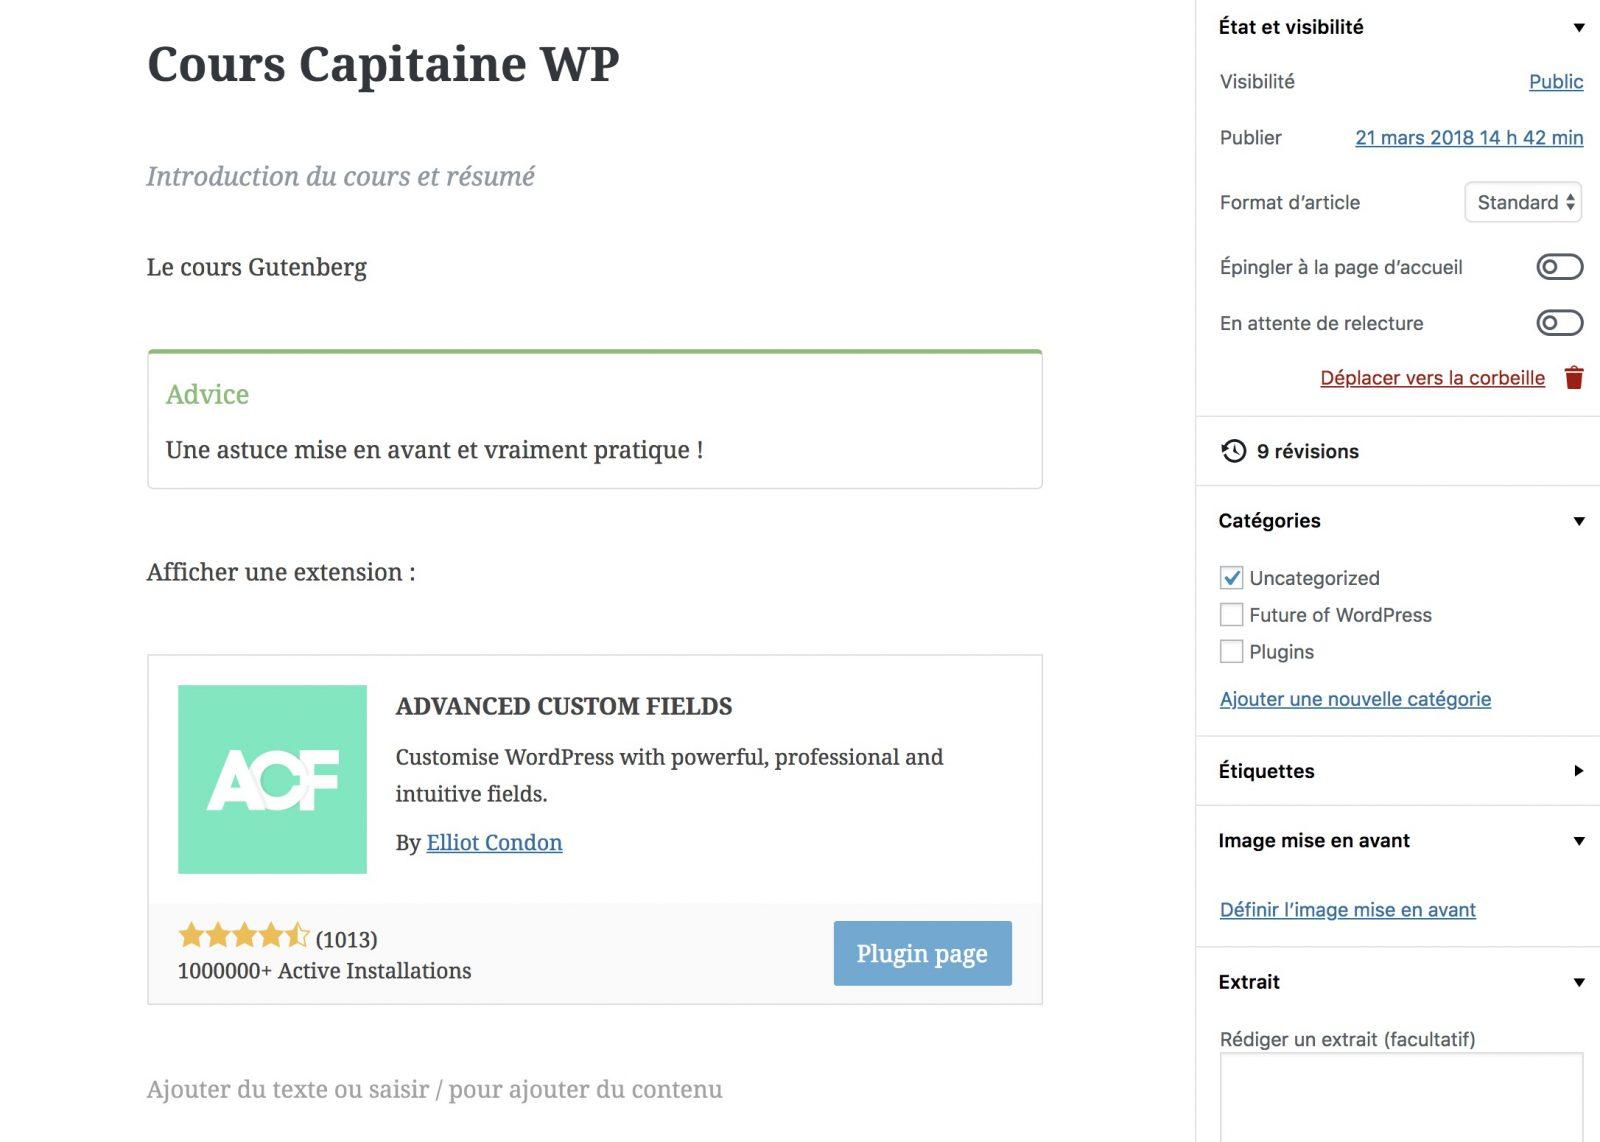 gutenberg pour les cours Capitaine WP